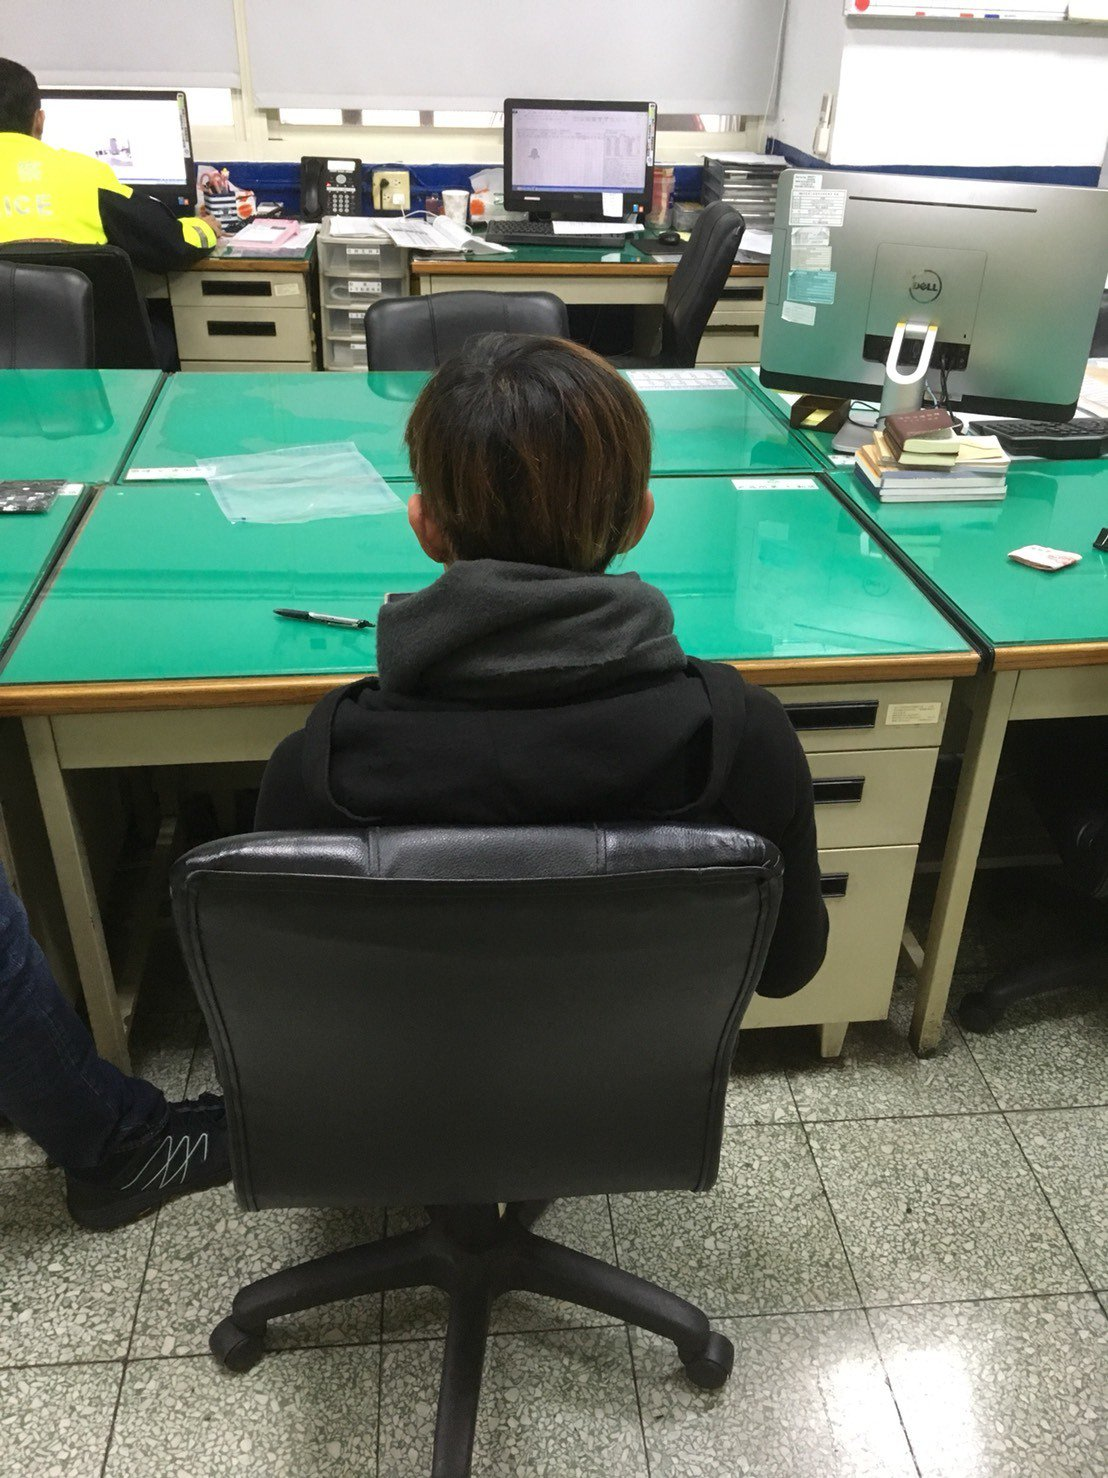 朱姓少年自稱從15歲開始就在西門町打工推銷商品。記者蕭雅娟/翻攝